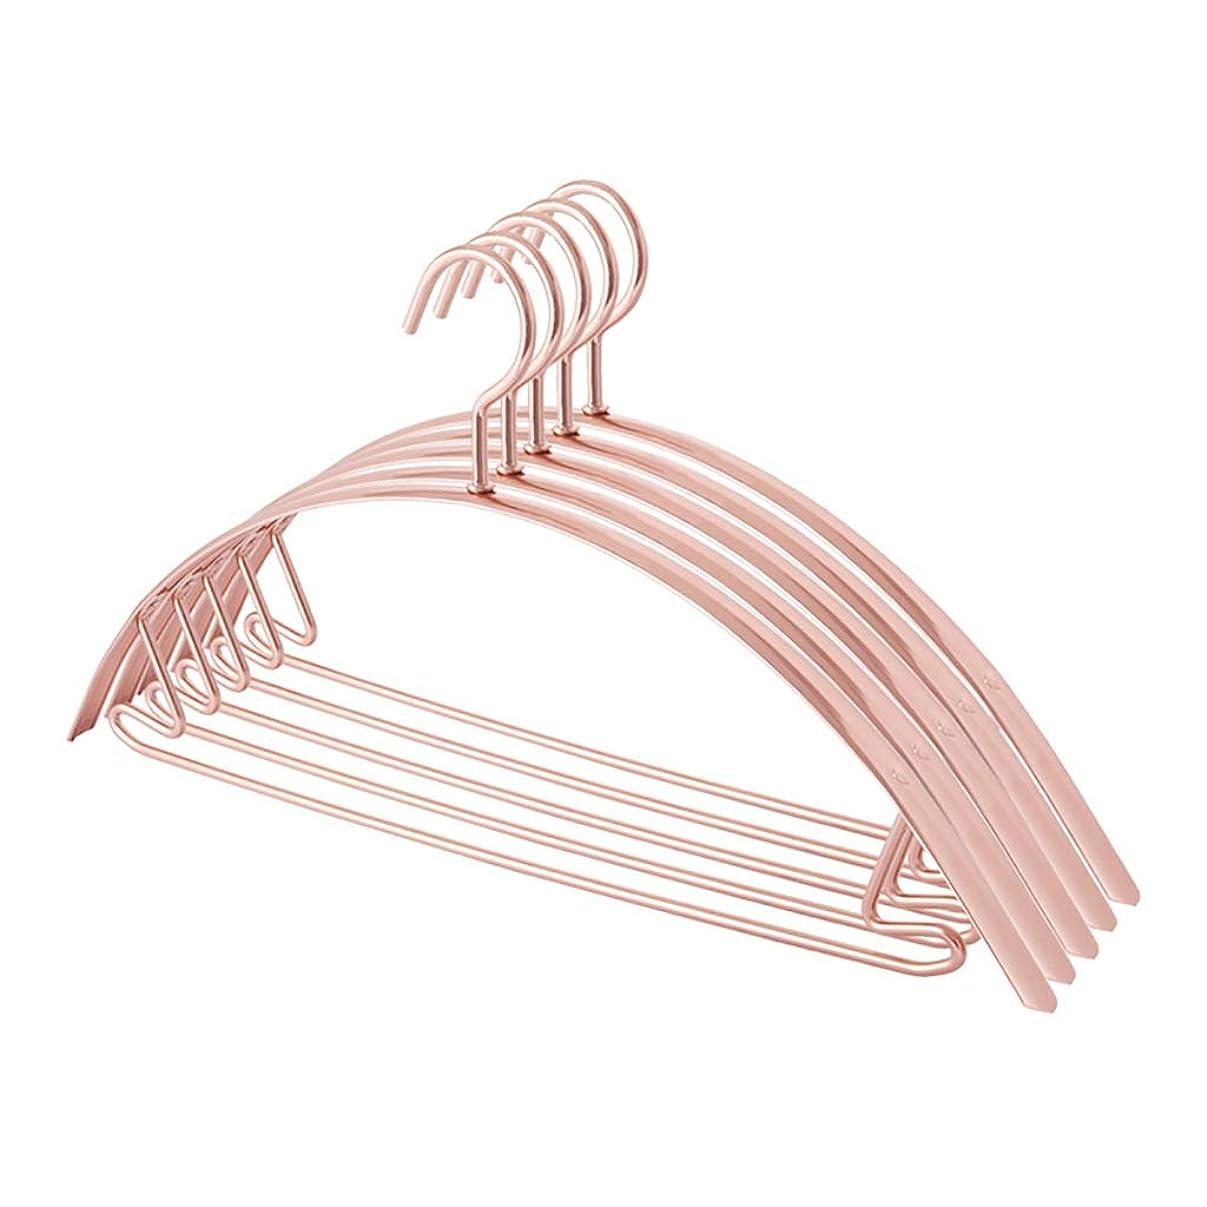 レース寛解詳細なハンガーアルミ合金42 cm 10pcsプレミアムストロングメタルハンガー防風ハングフック省スペース (Color : A)